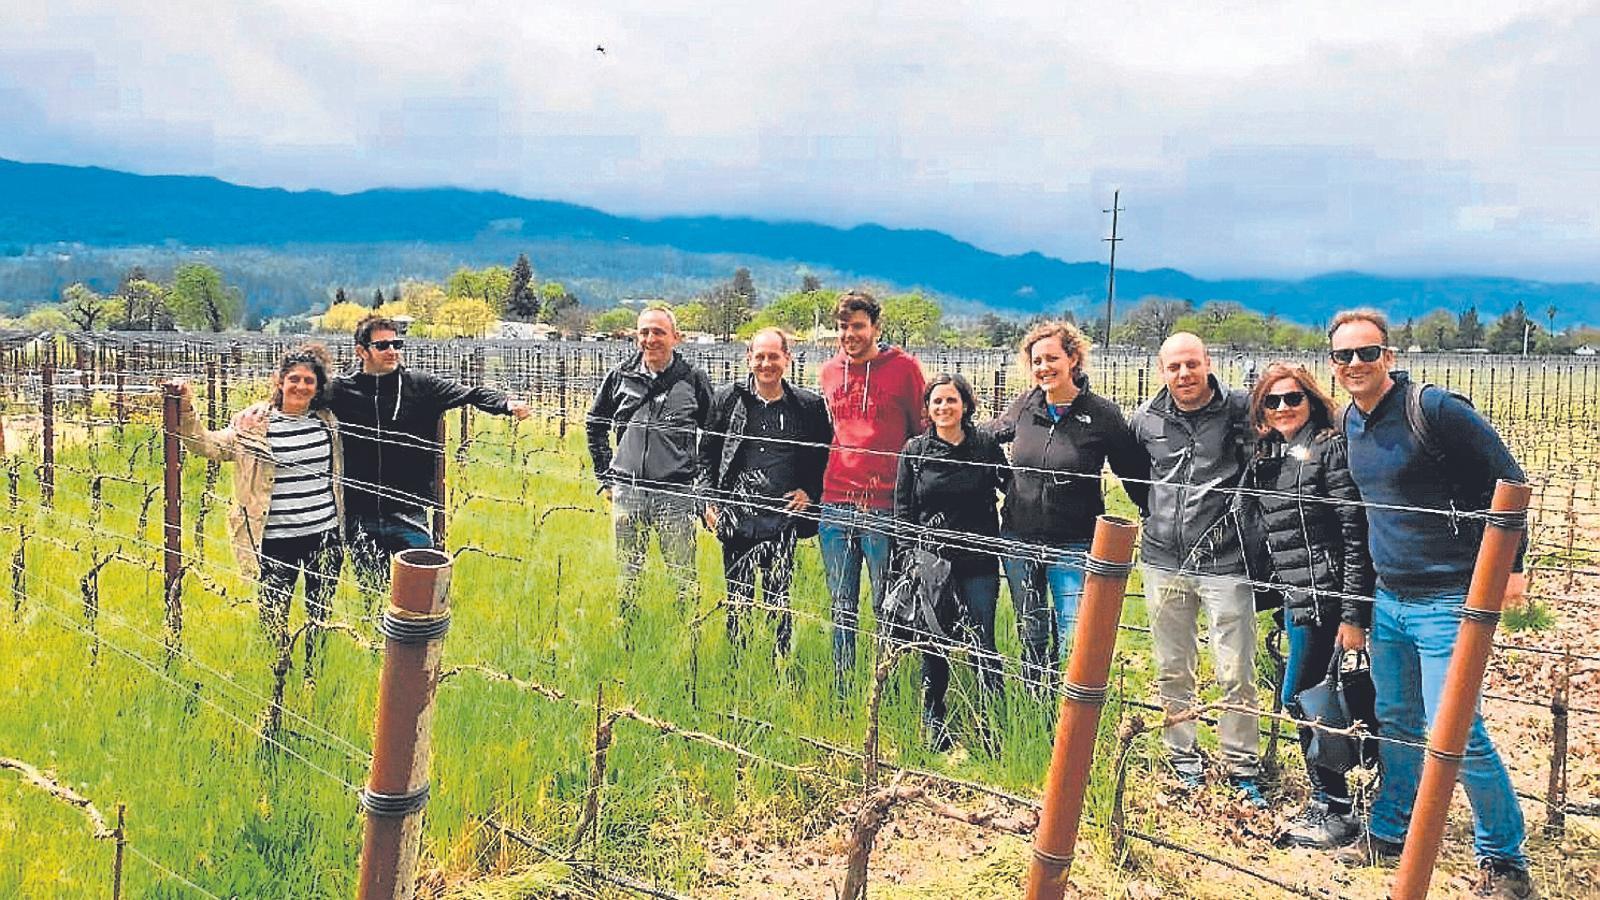 Quaranta-cinc pagesos, productors i tècnics agrícoles de les Illes Balears feren una estada d'una setmana a l'estat nord-americà de Califòrnia.